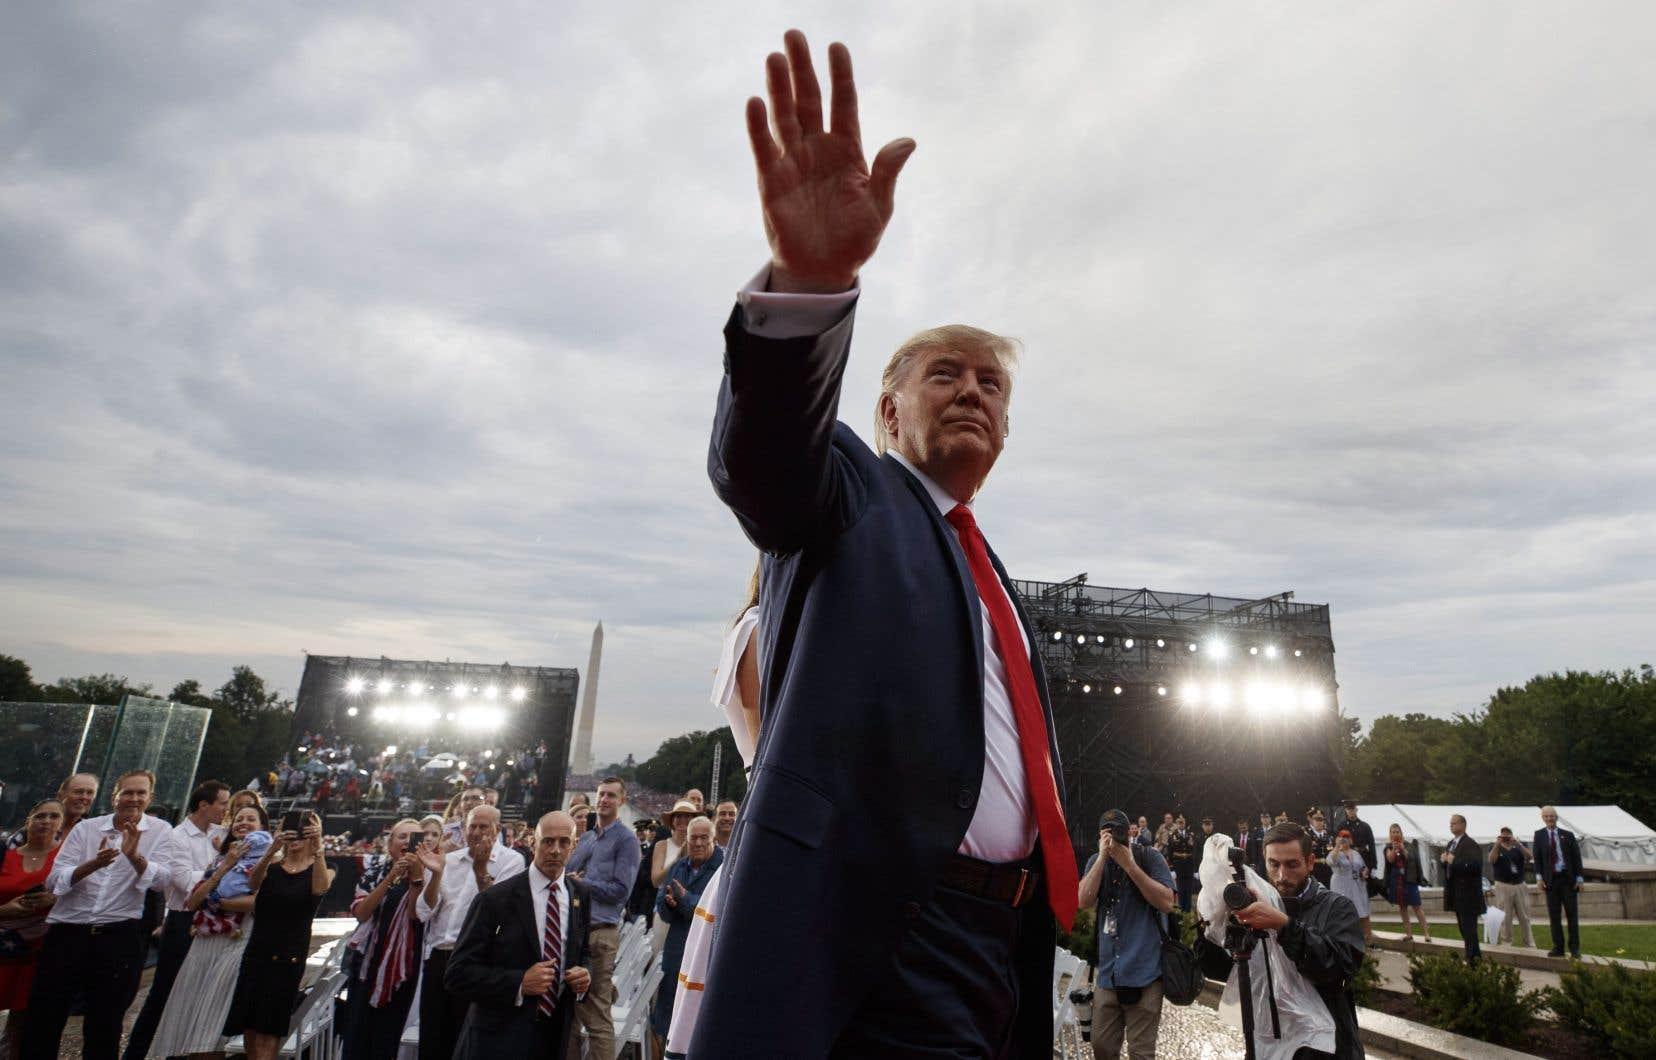 Le président Donald Trump salue la foule alors qu'il quitte la célébration de la fête de l'indépendance devant le Lincoln Memorial à Washington.